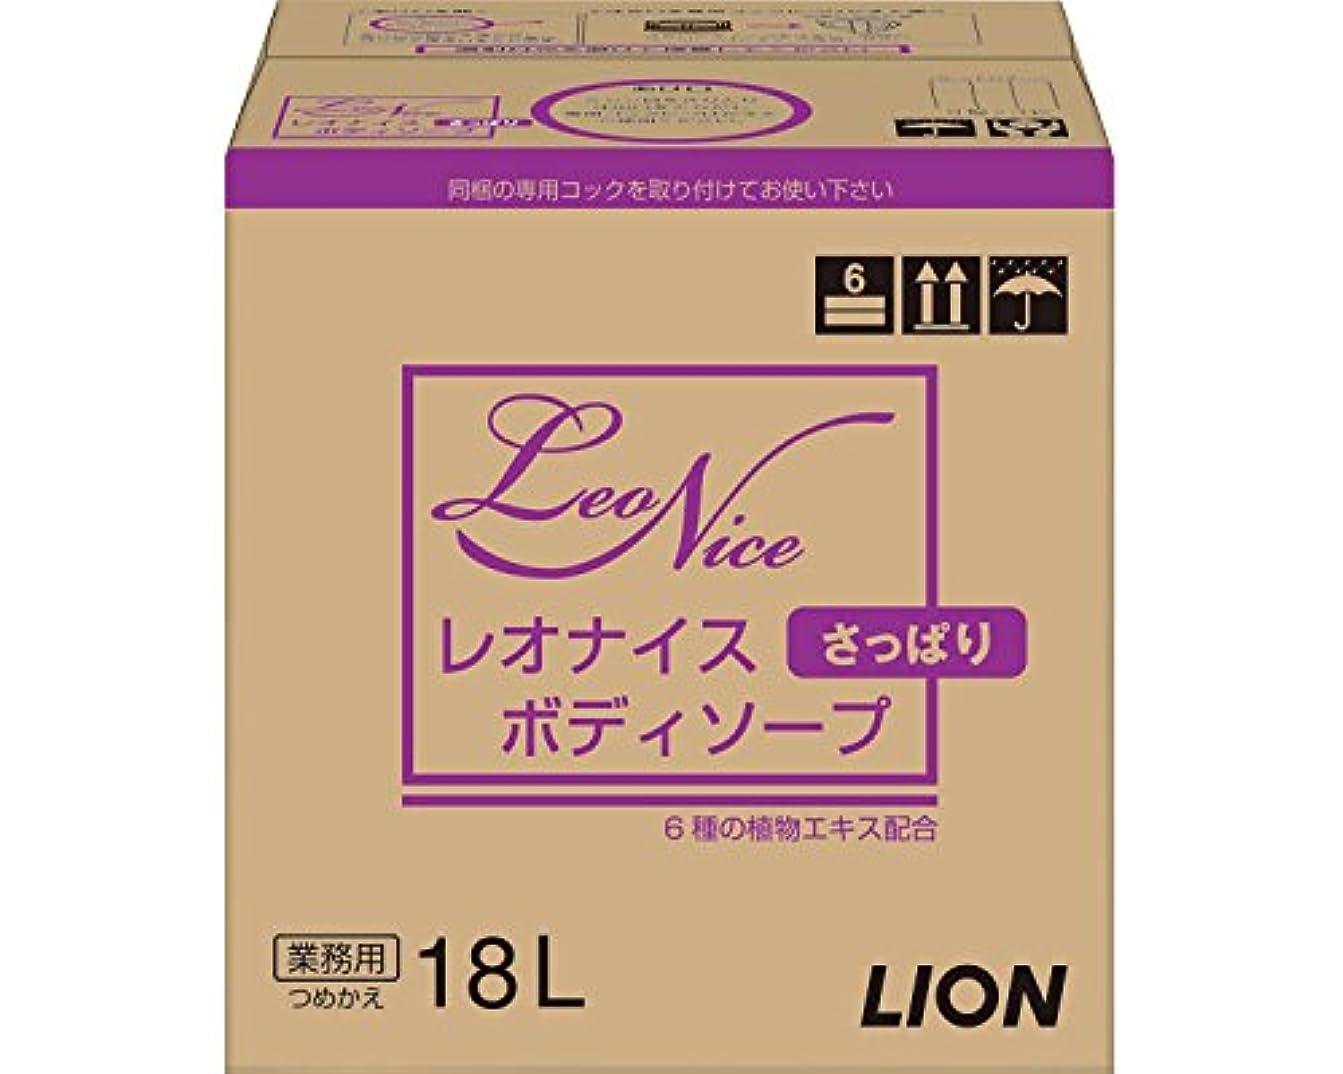 騒ゴミ箱で出来ているレオナイスさっぱりボディソープ 18L (ライオンハイジーン) (清拭小物)